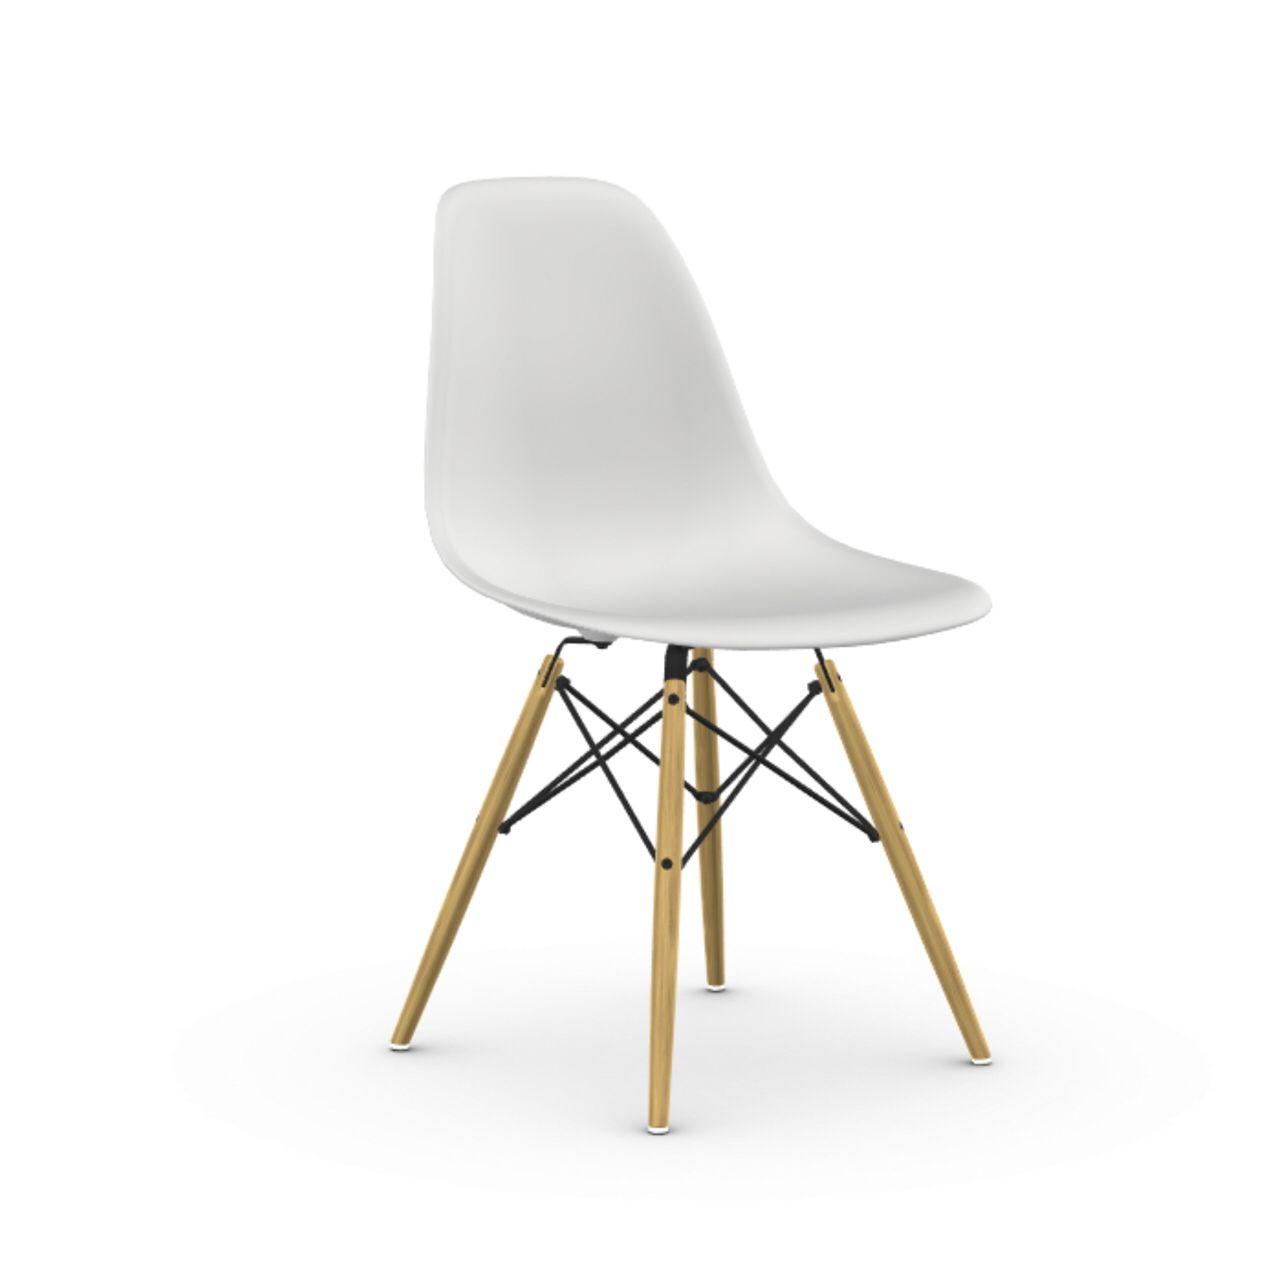 'Eames Plastic Side Chair' Stuhl design, Stühle, Eames